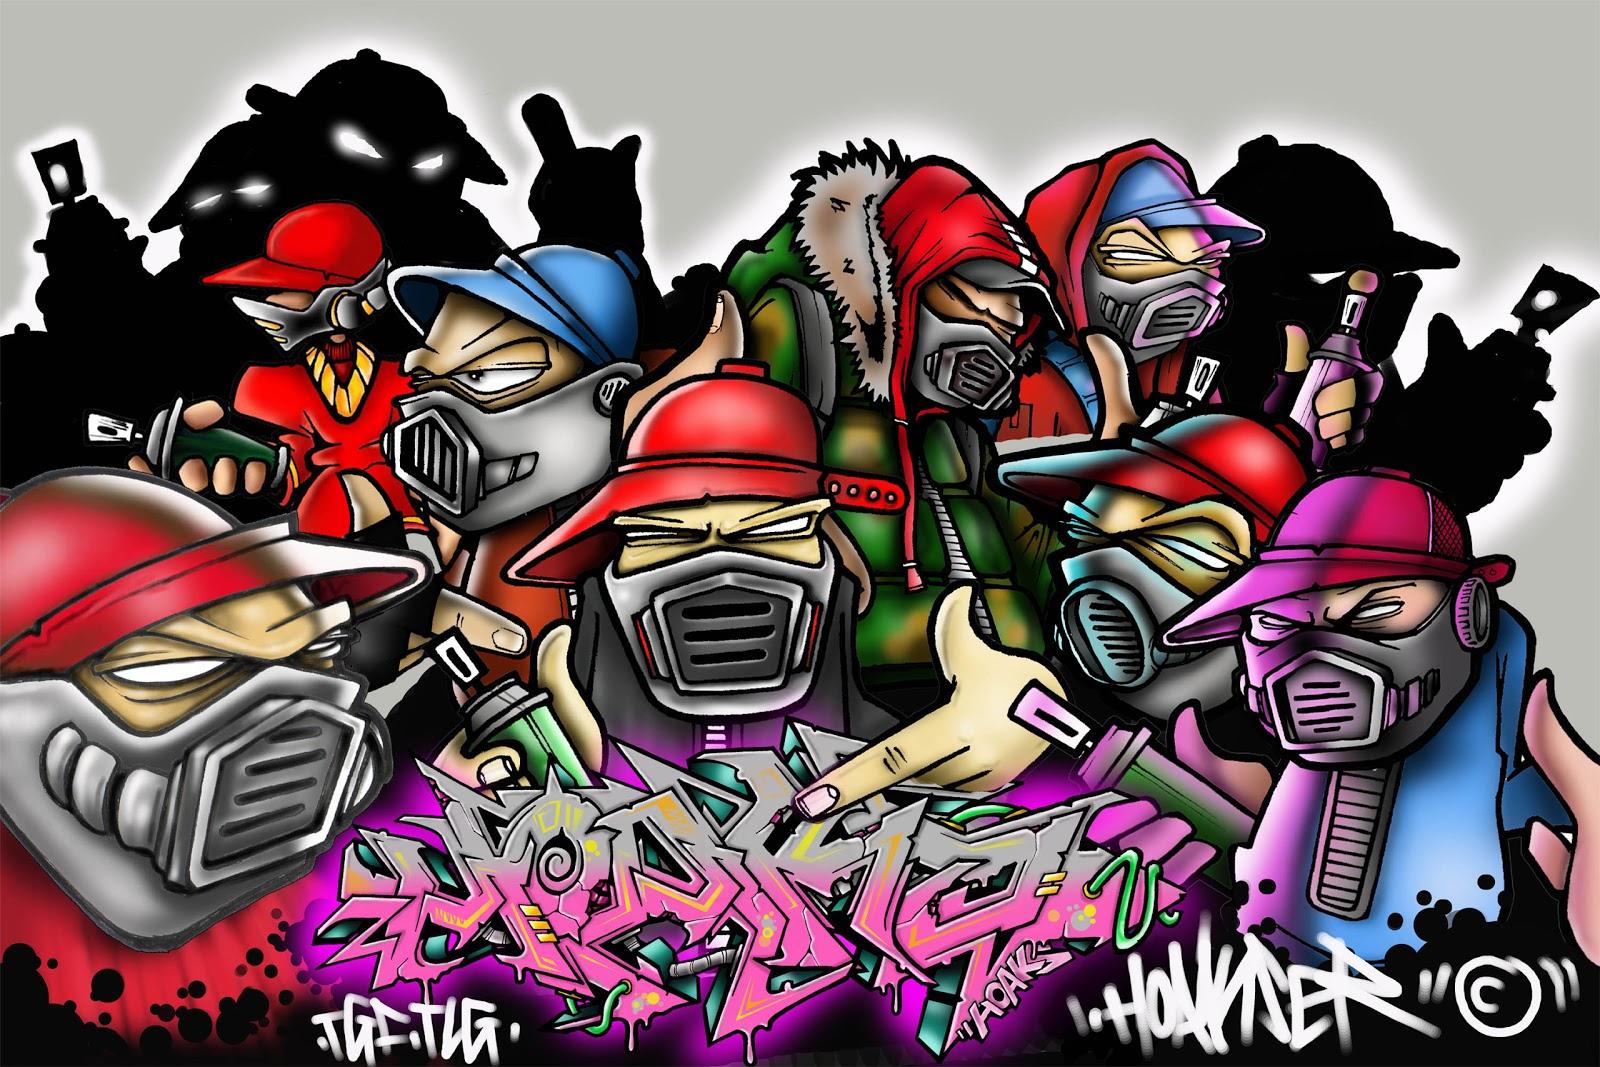 Los graffitis de antes eran sobre todo frases que transmitían ideas